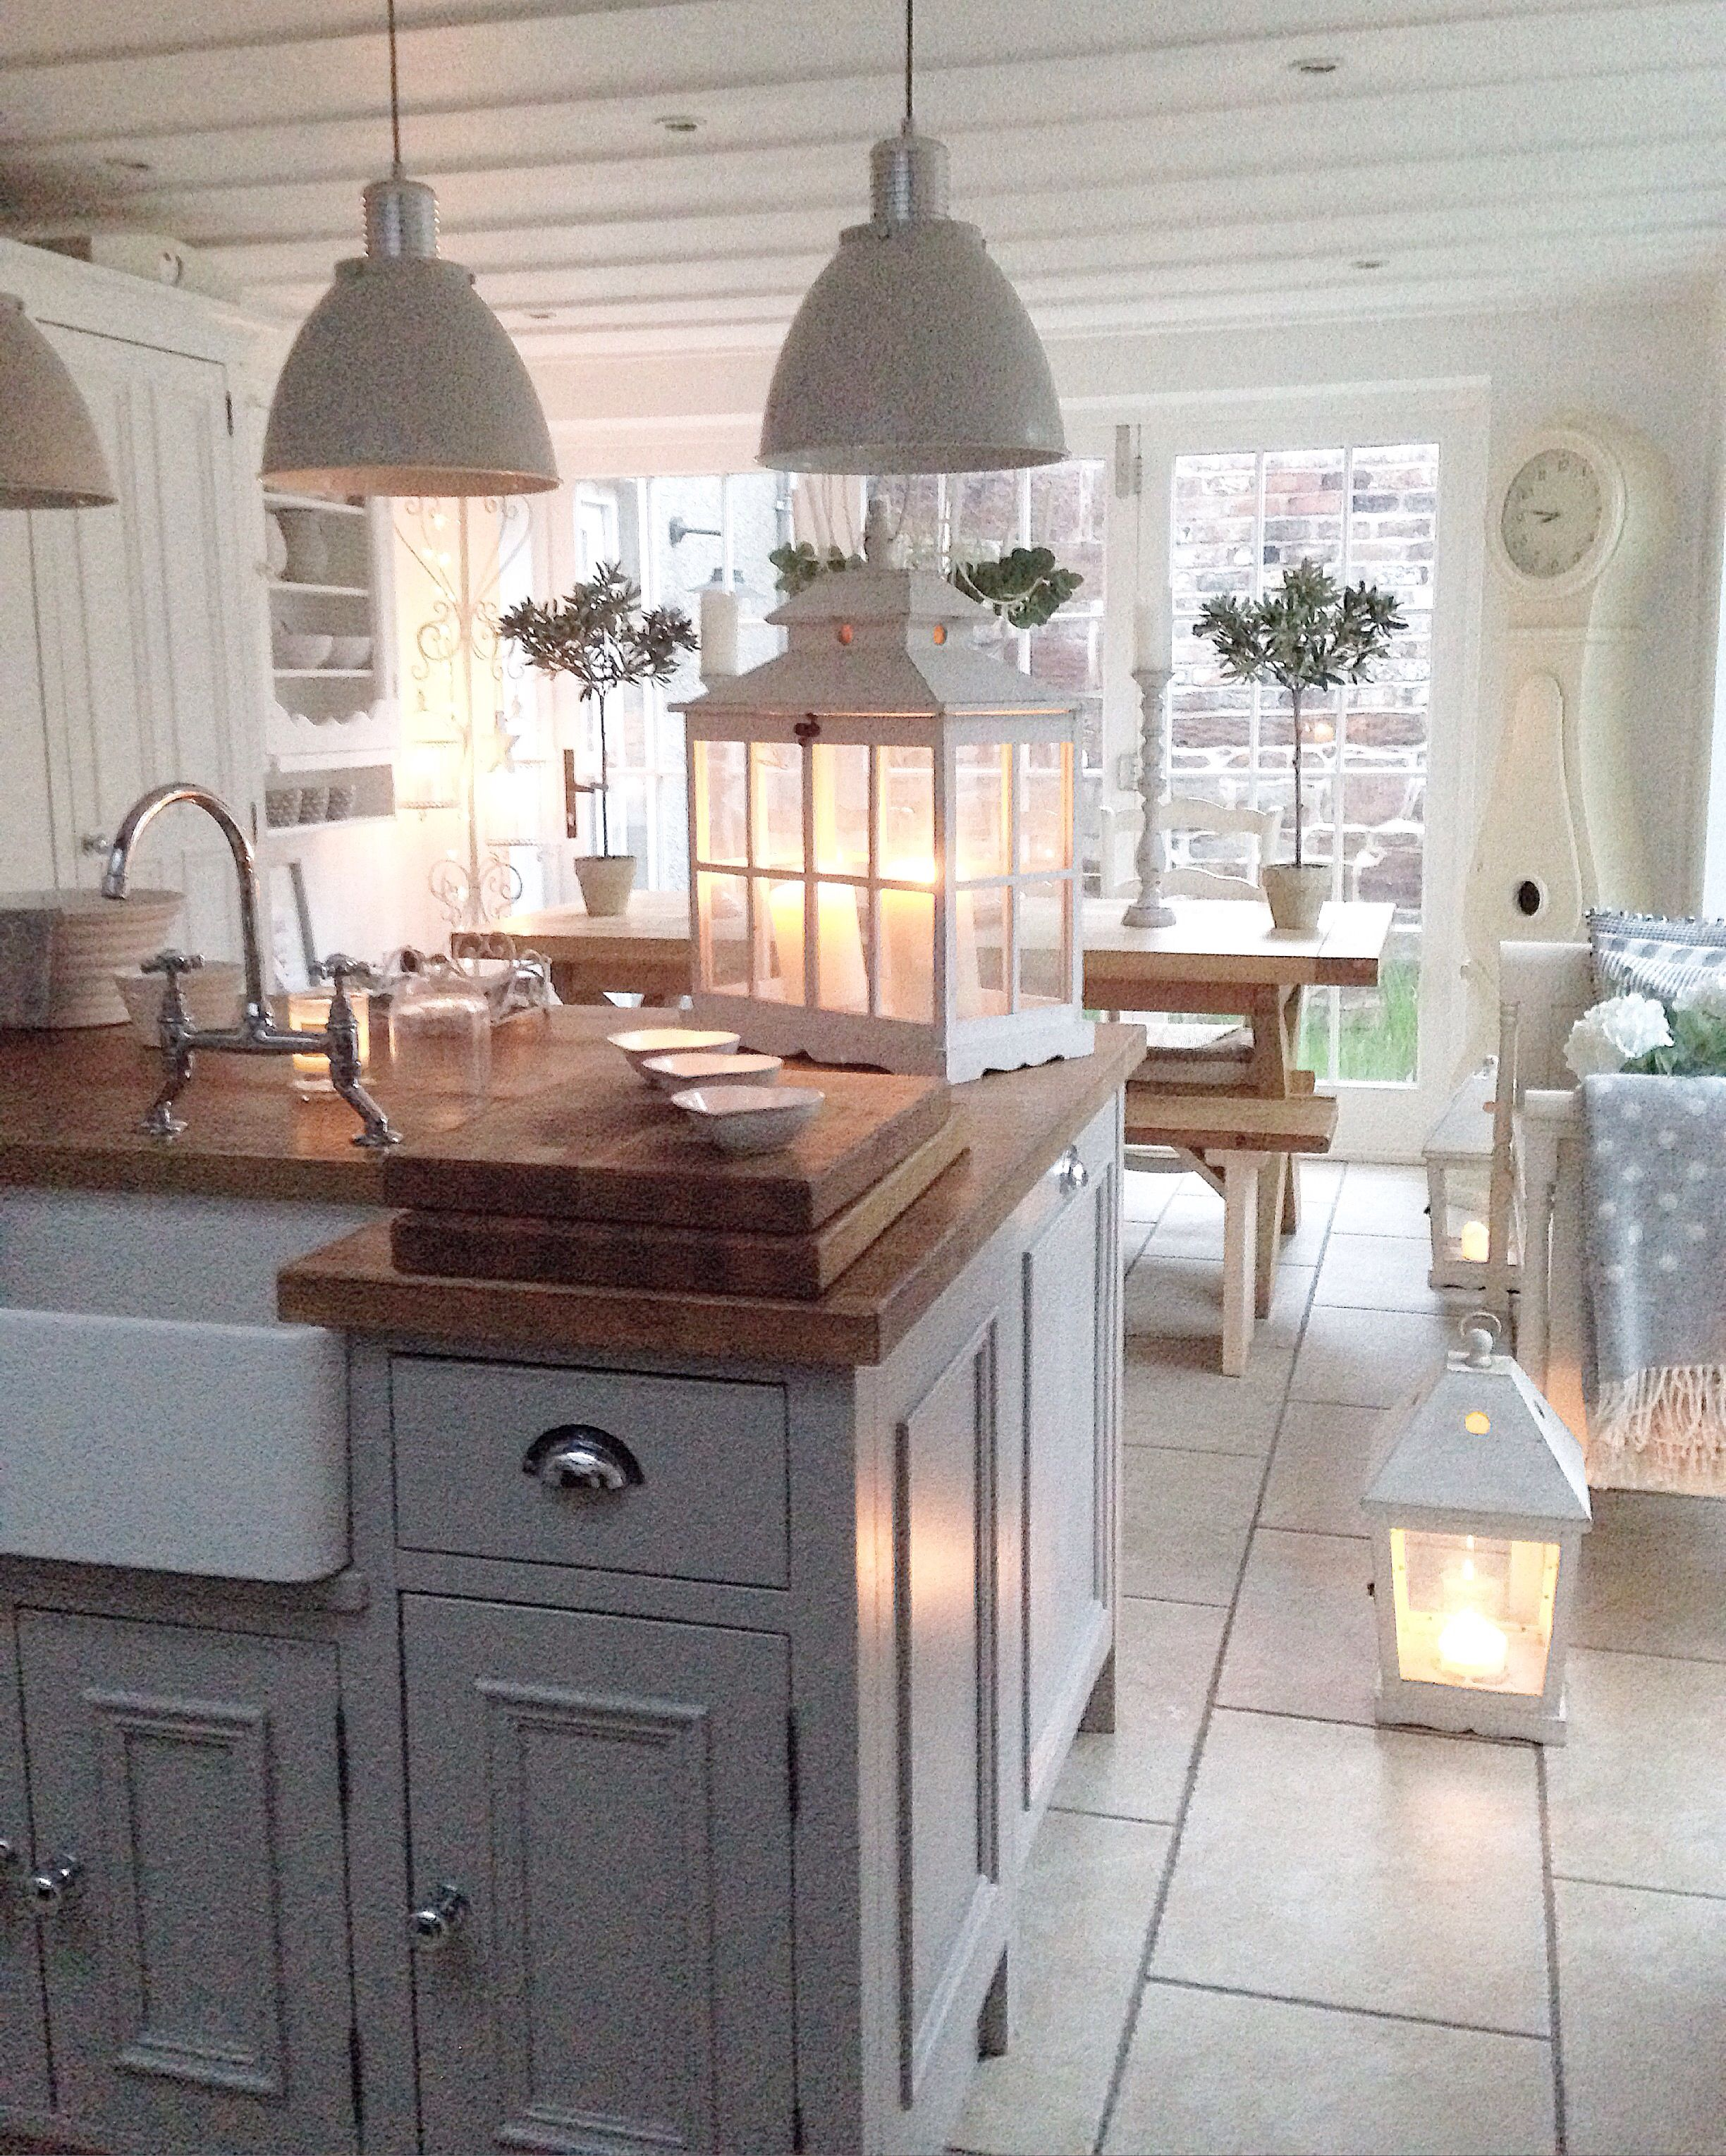 schrankt ren grau oder gr n streichen k che pinterest schrankt ren grau und gr n. Black Bedroom Furniture Sets. Home Design Ideas